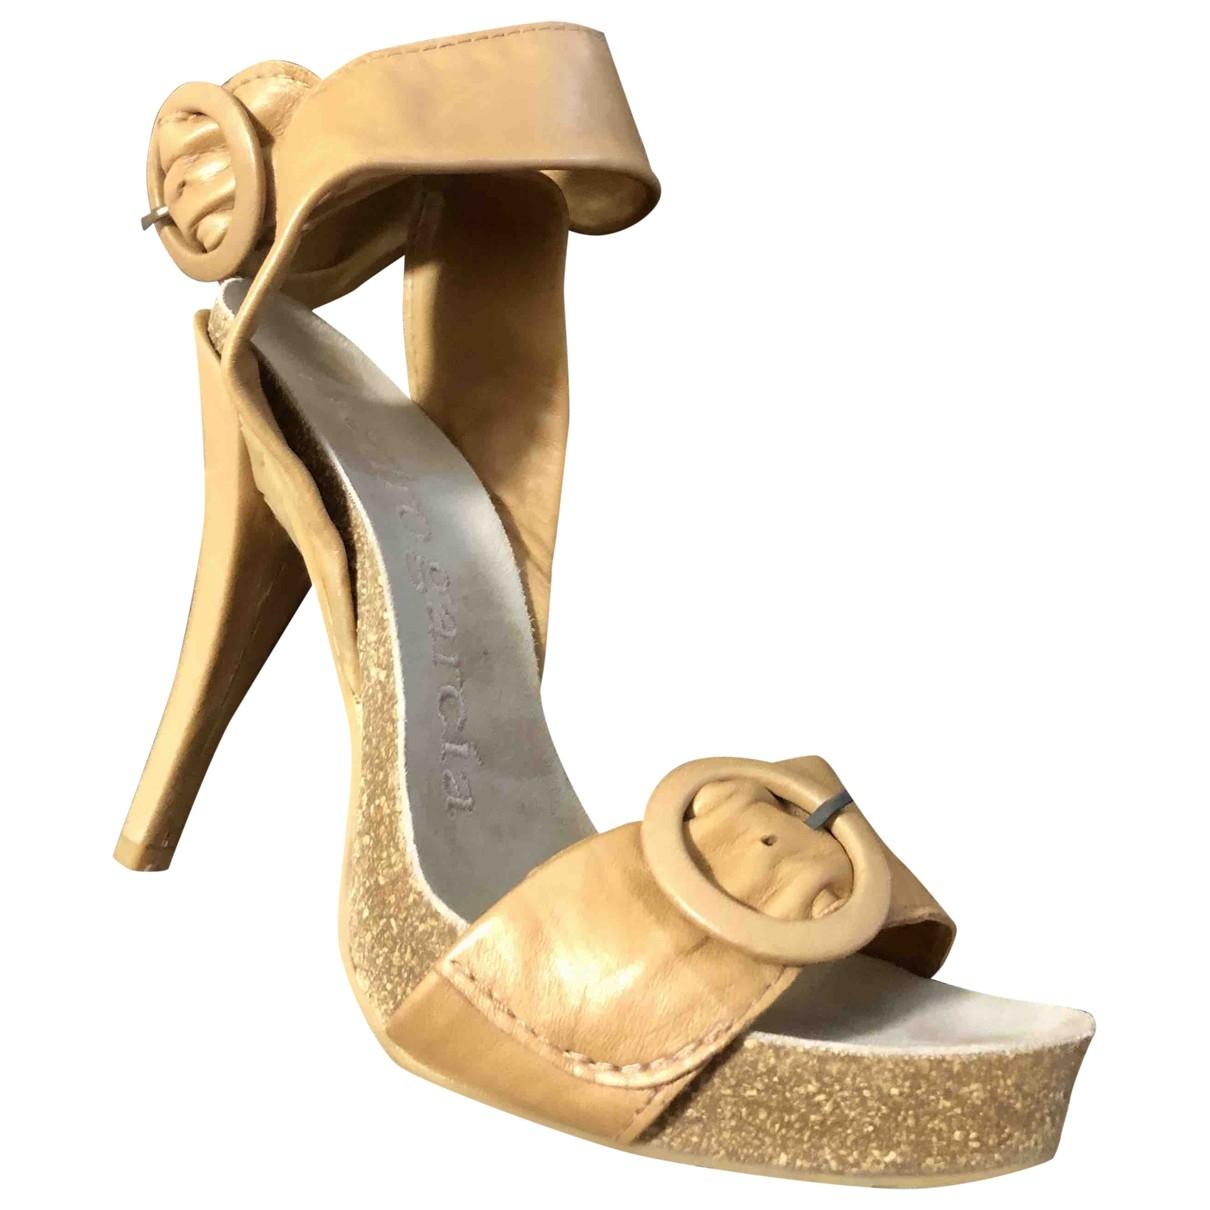 Sandalias romanas de Cuero Pedro Garcia